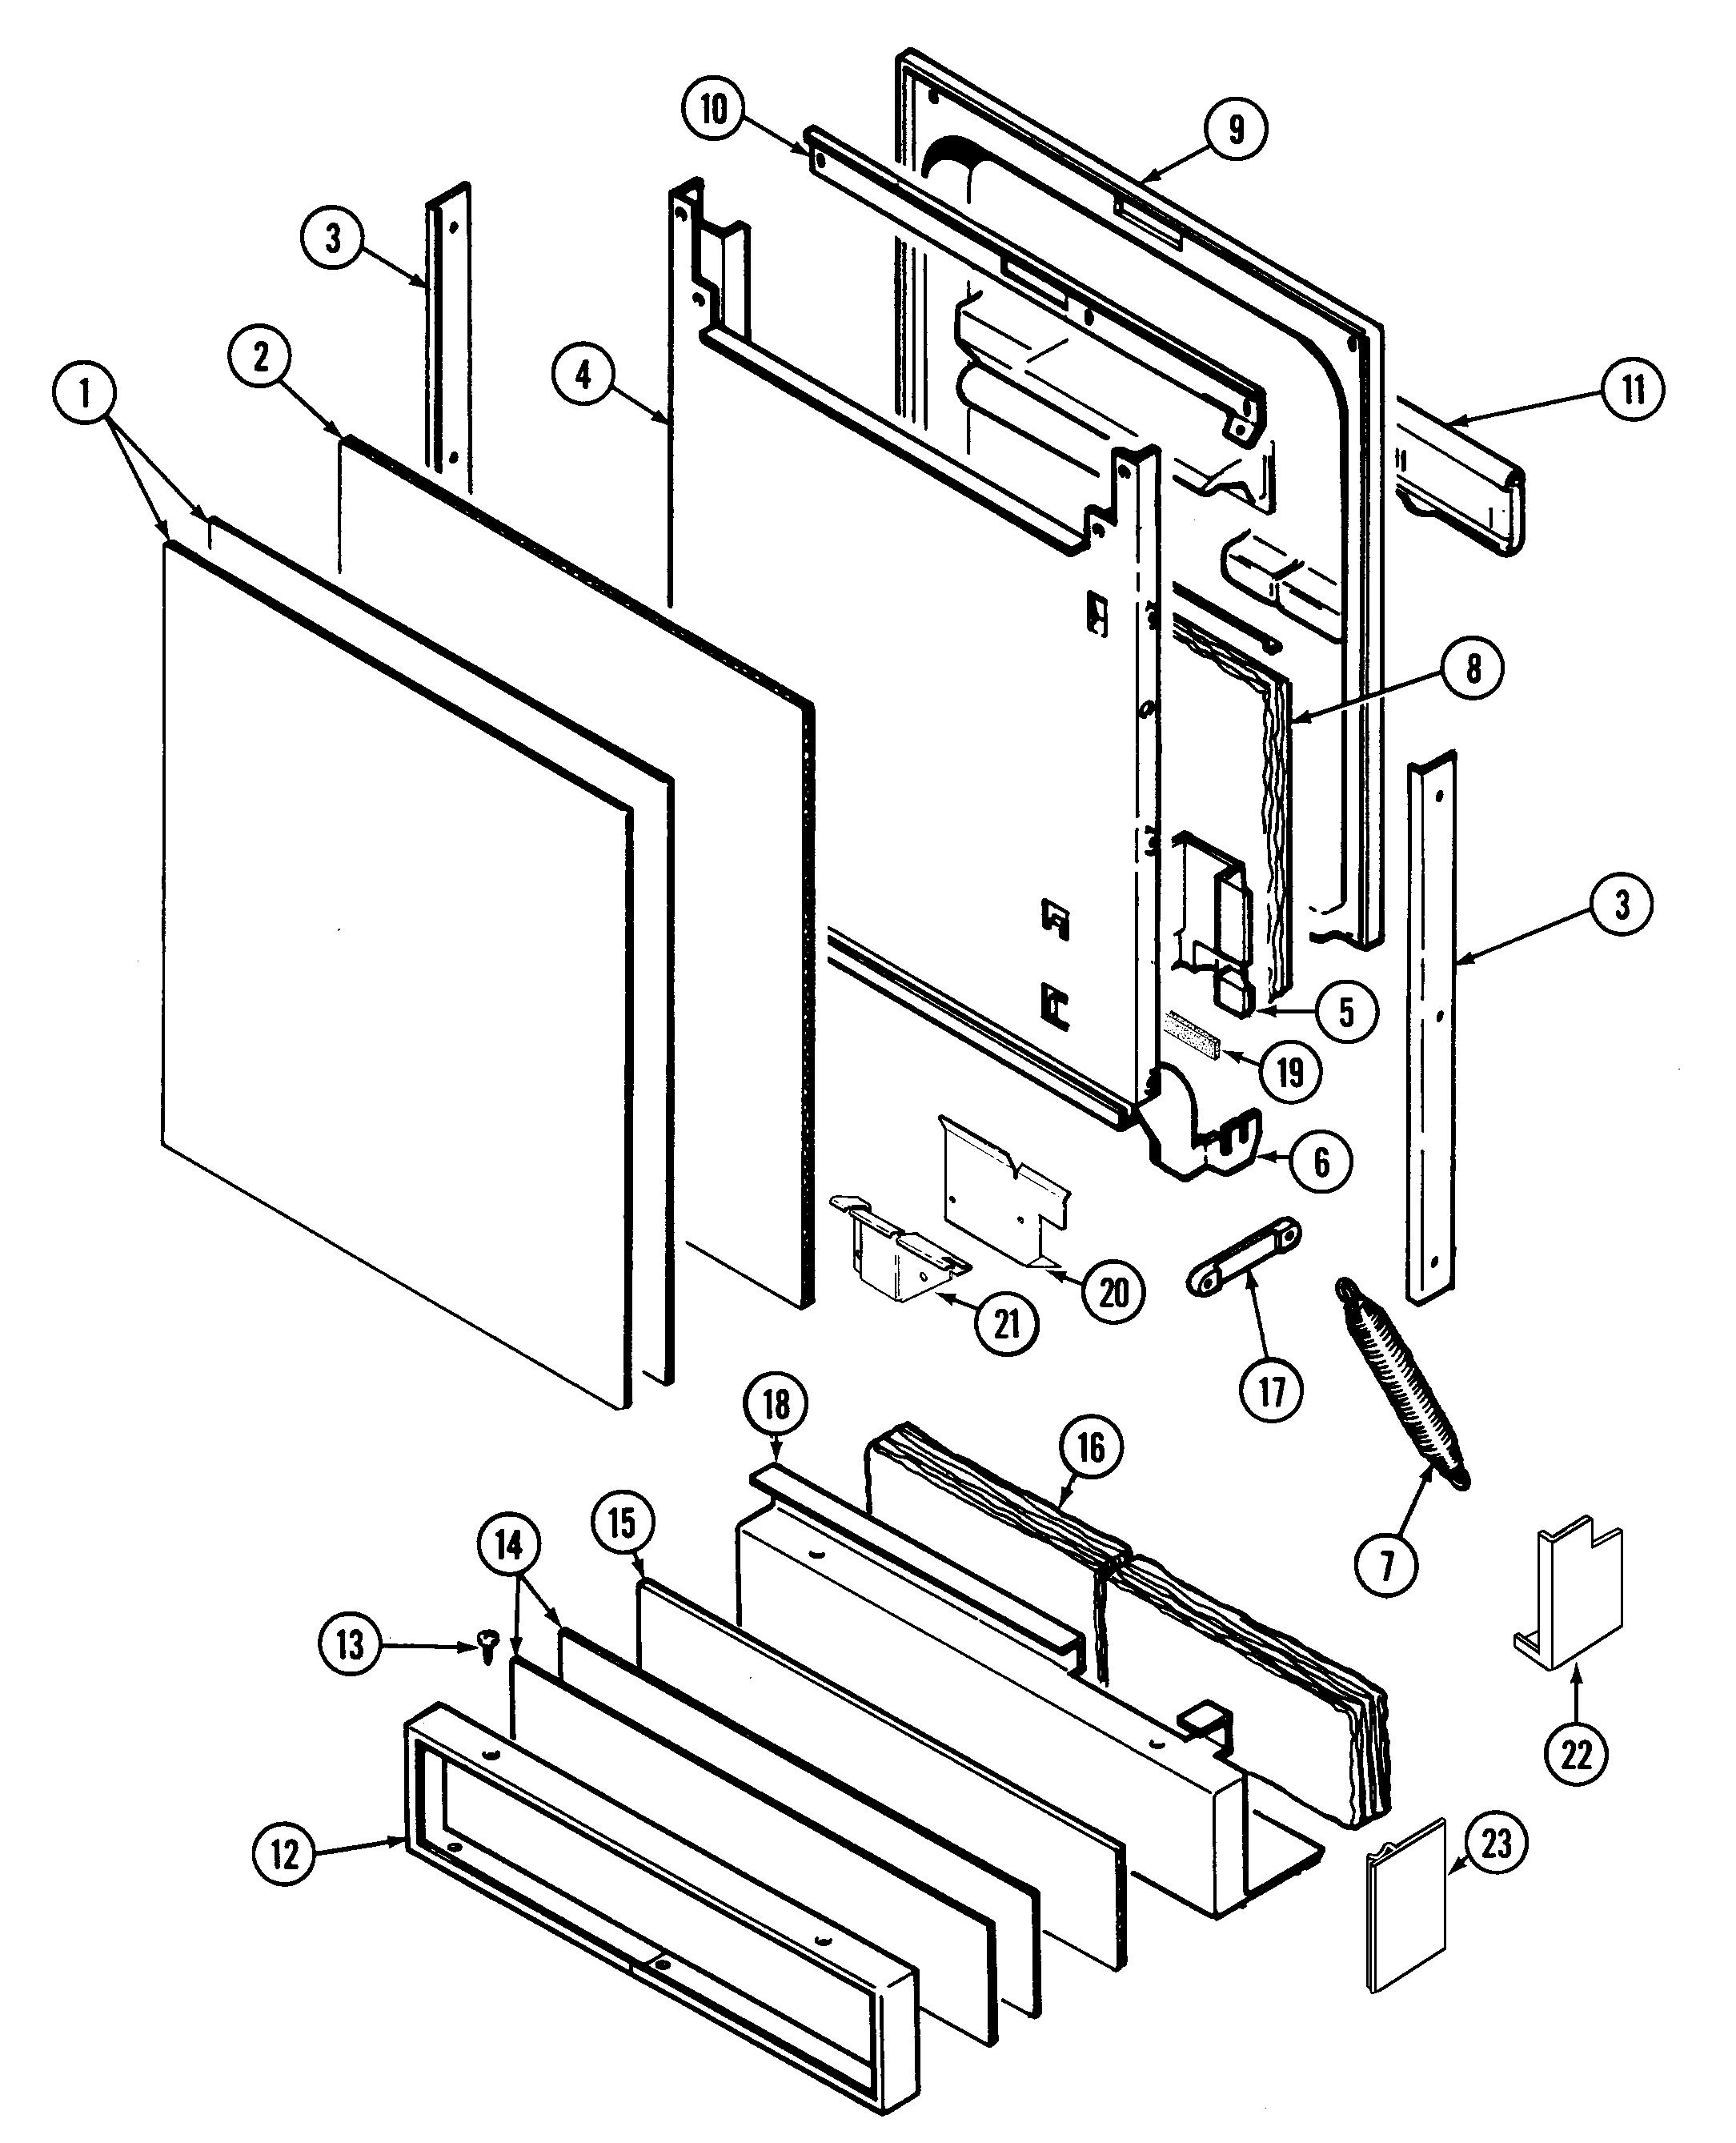 Maytag Maytag Dishwasher Parts Model Dwu8330bax Sears Partsdirect Dishwasher Parts Maytag Dishwasher Maytag Dishwasher Parts